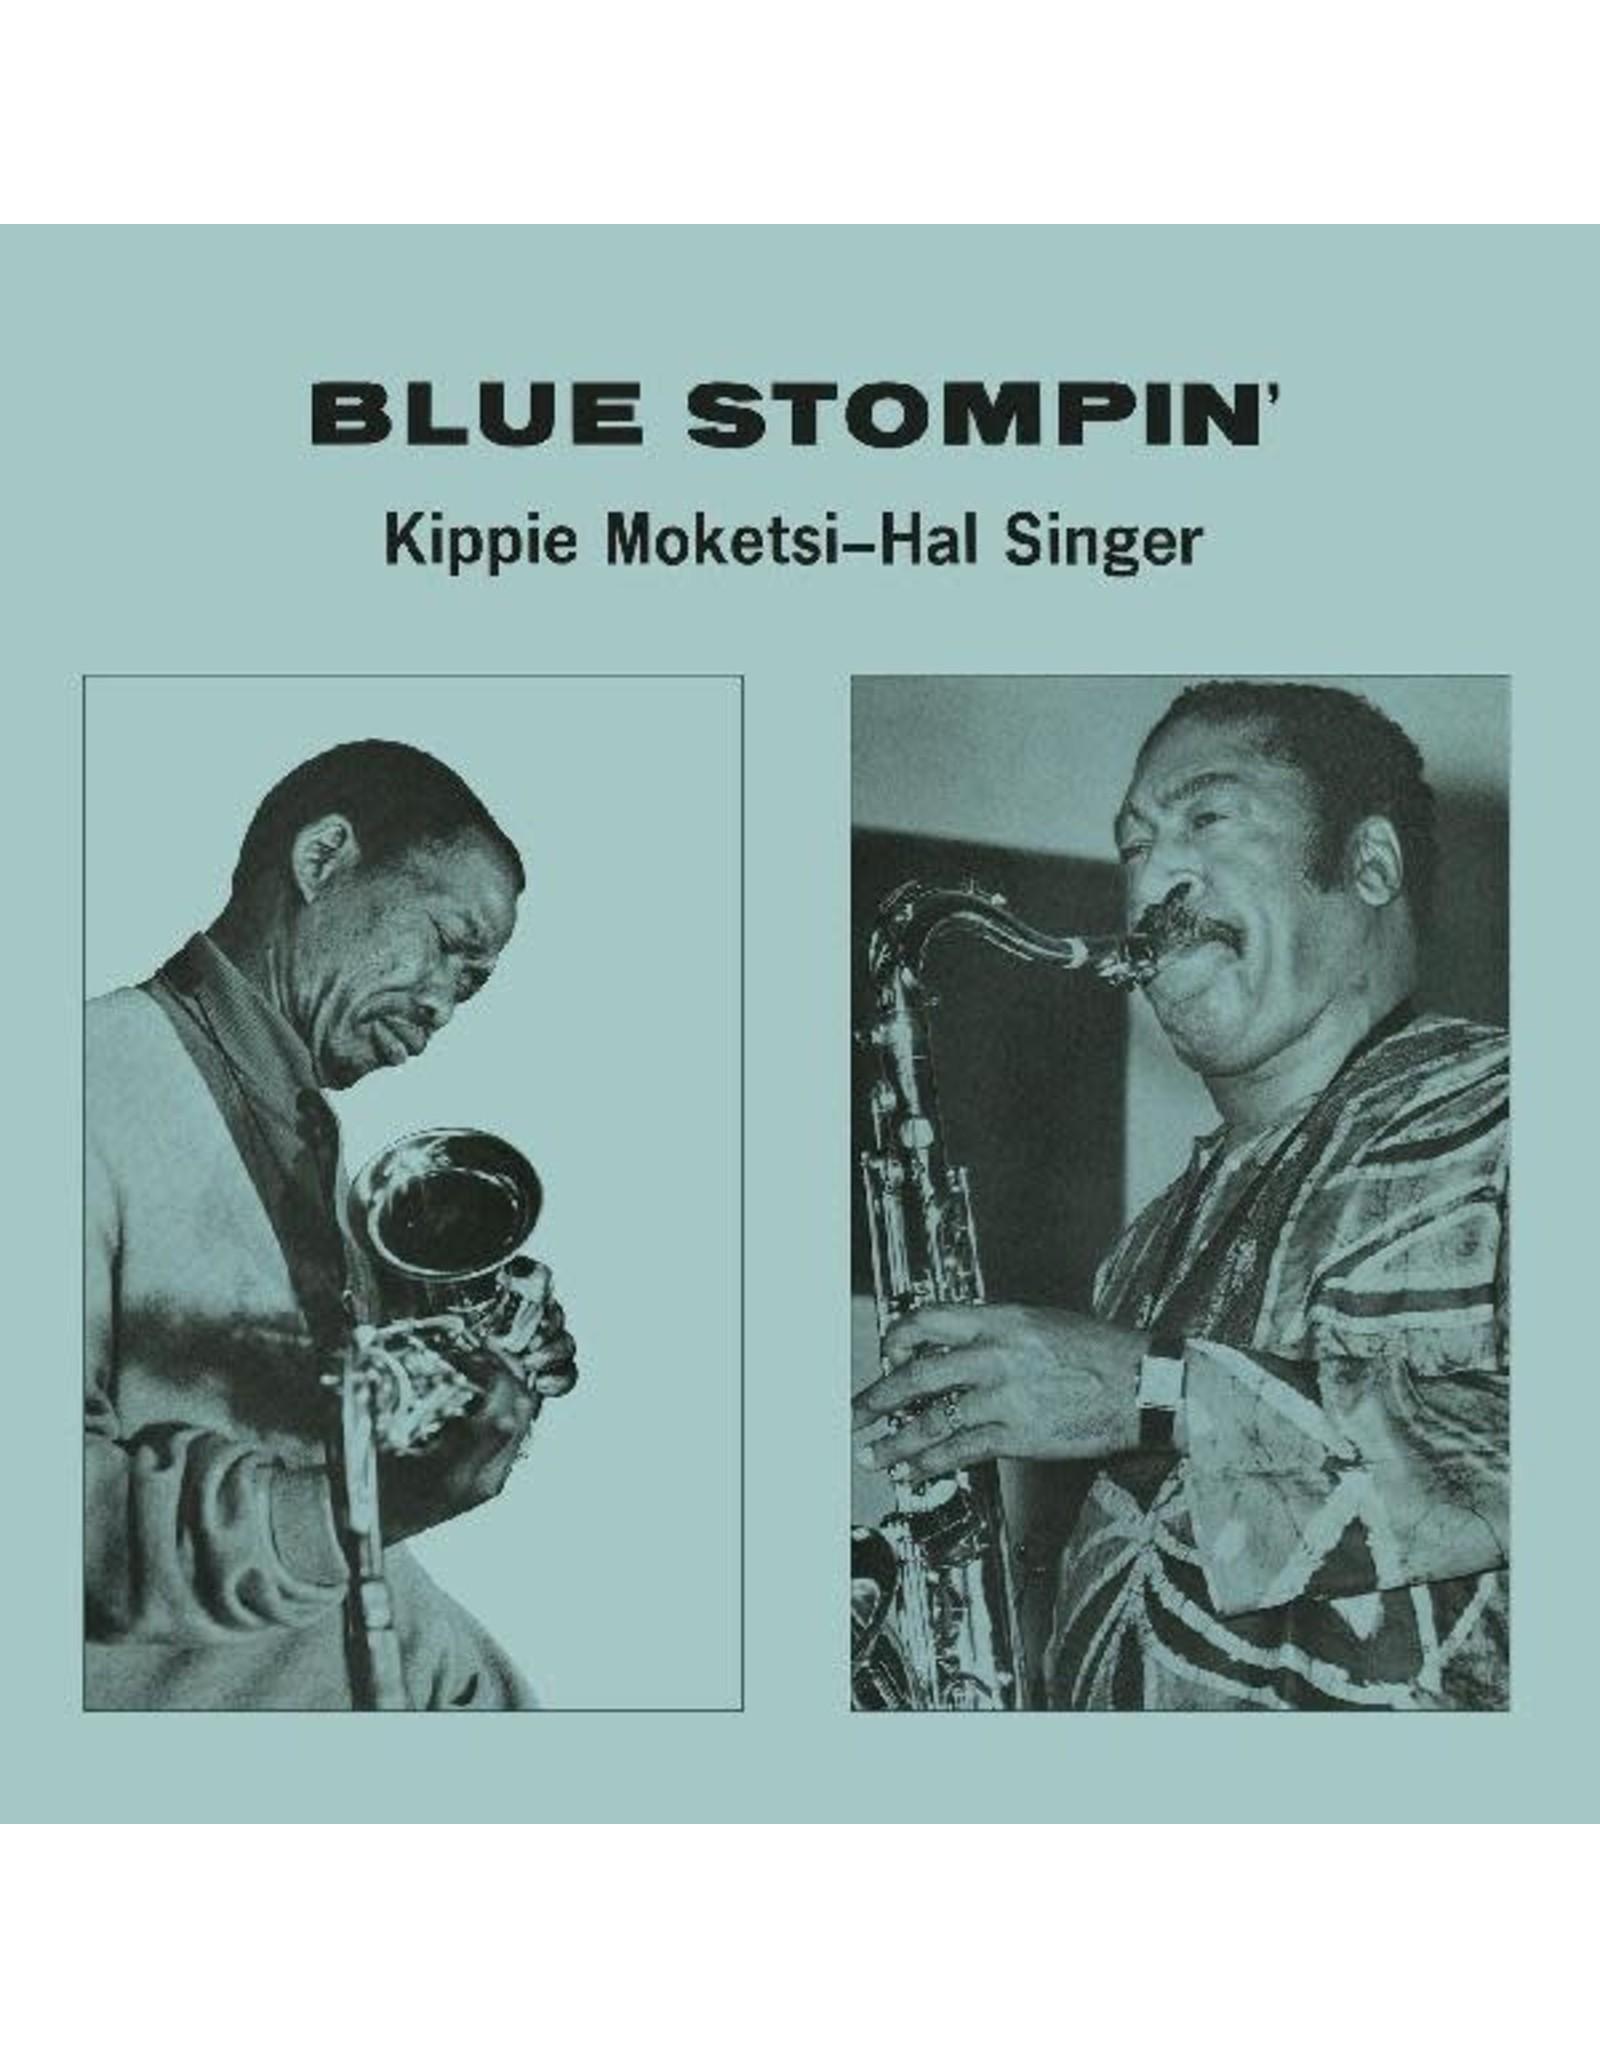 New Vinyl Kippie Moketsi & Hal Singer - Blue Stompin' LP